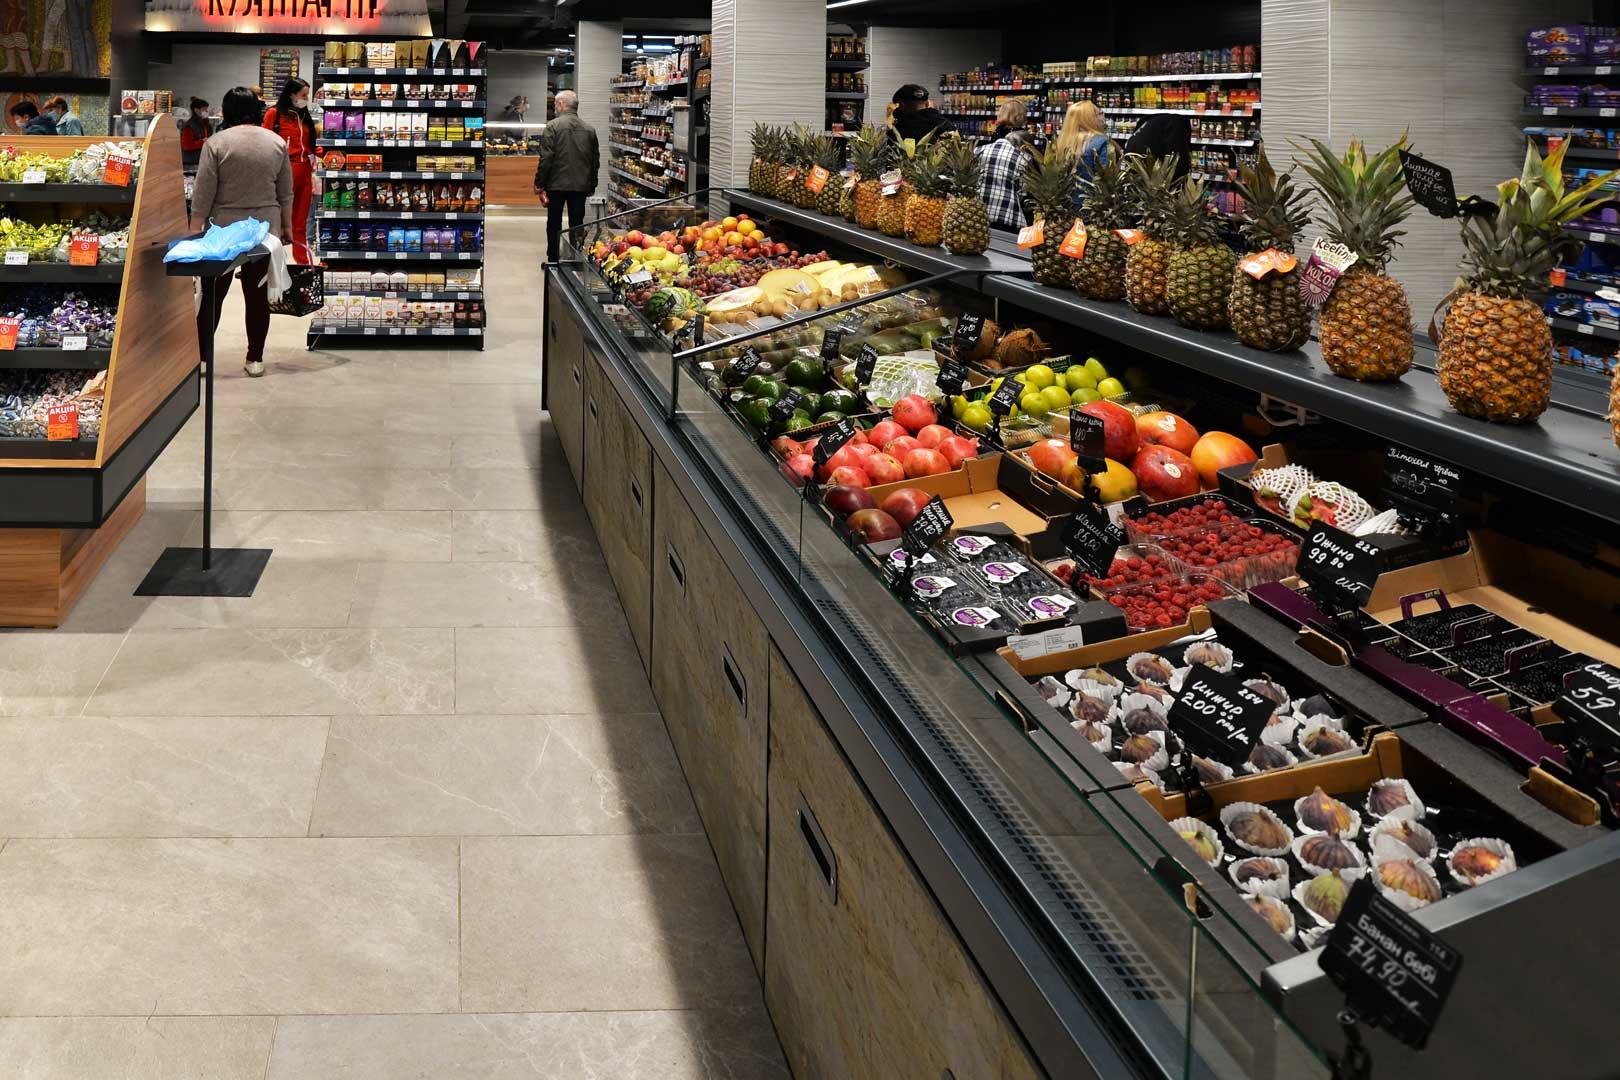 """Спеціалізовані вітрини для продажу овочів та фруктів Мissouri MC 110 deli VF PP self 110, супермаркет """"Сім'я"""""""